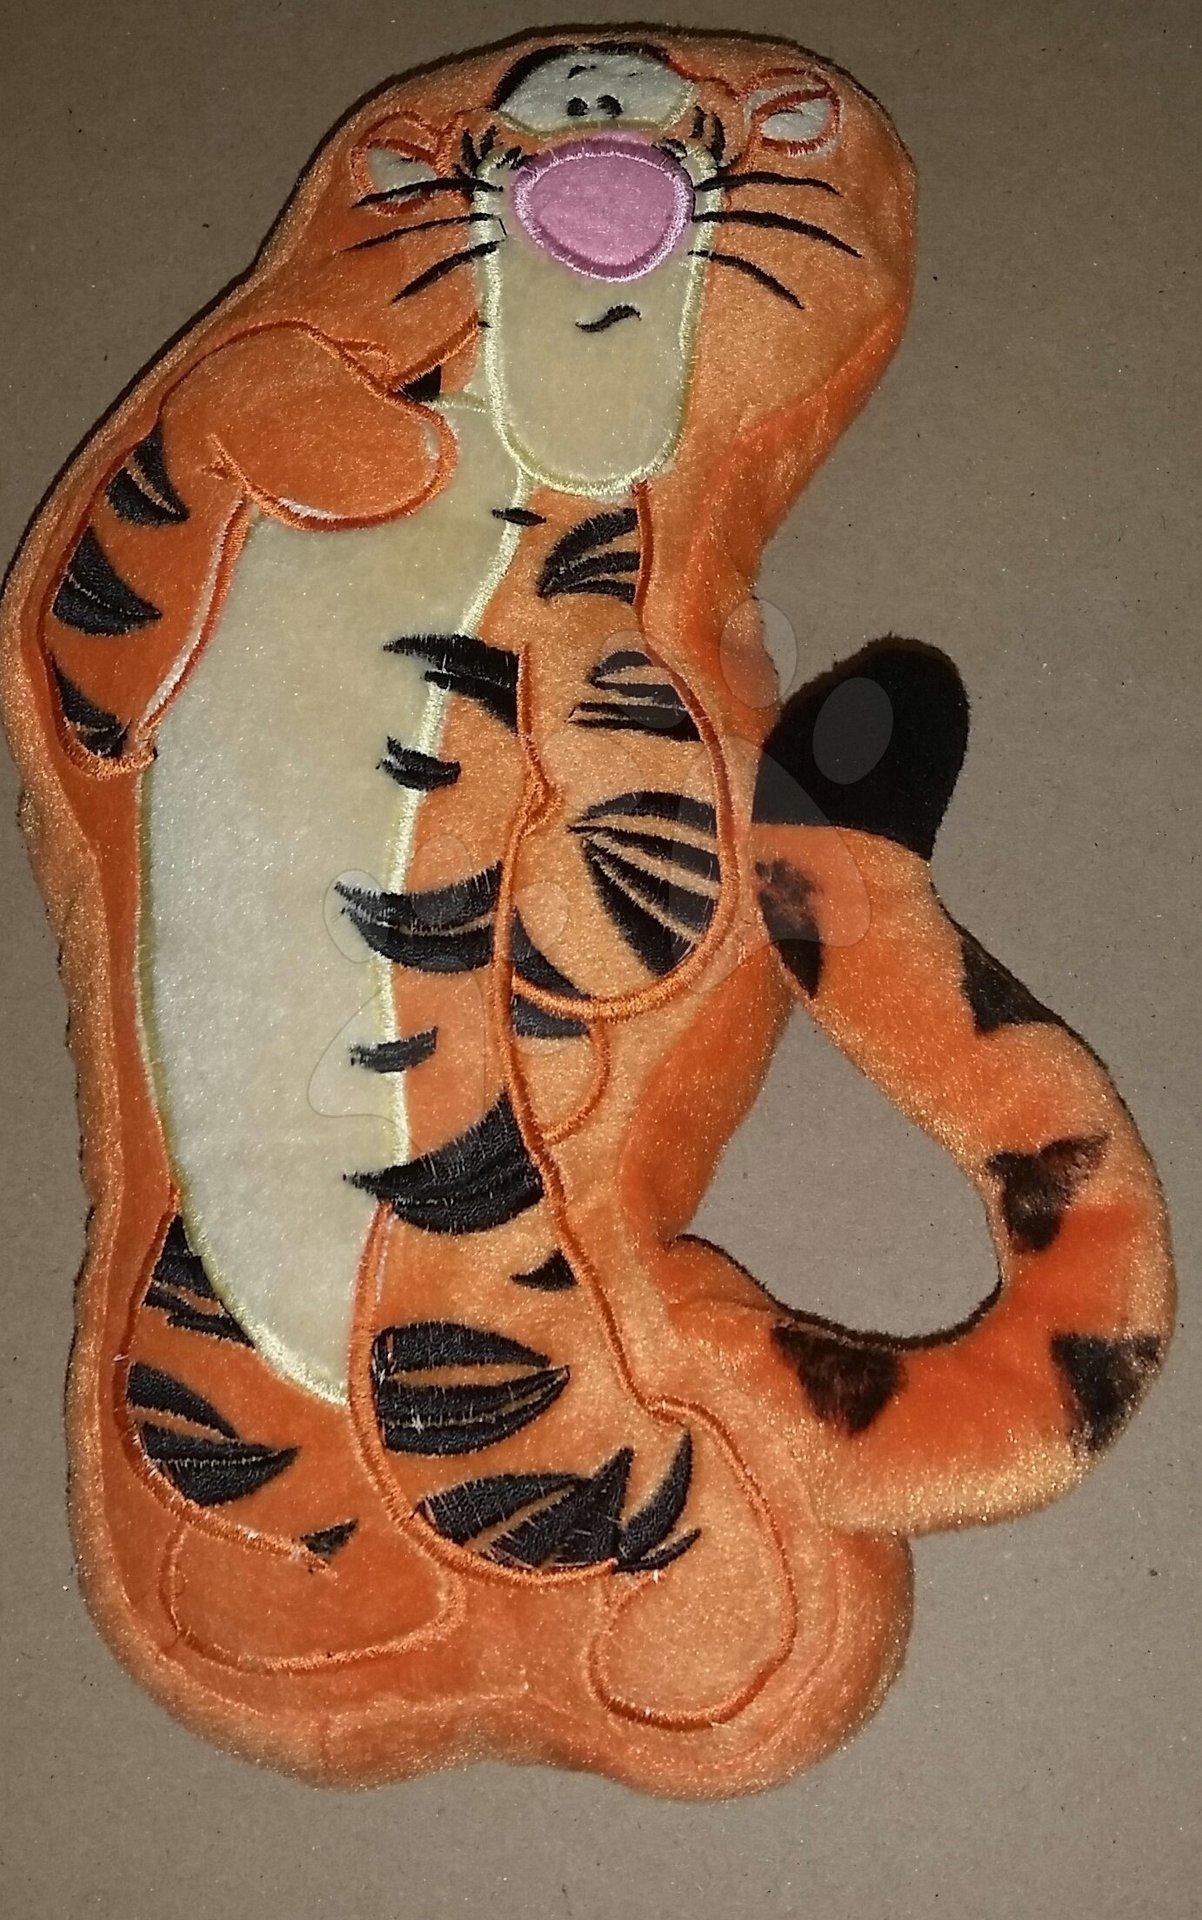 Plyšový polštářek Disney Tiger Ilanit 28*20 cm hnědý